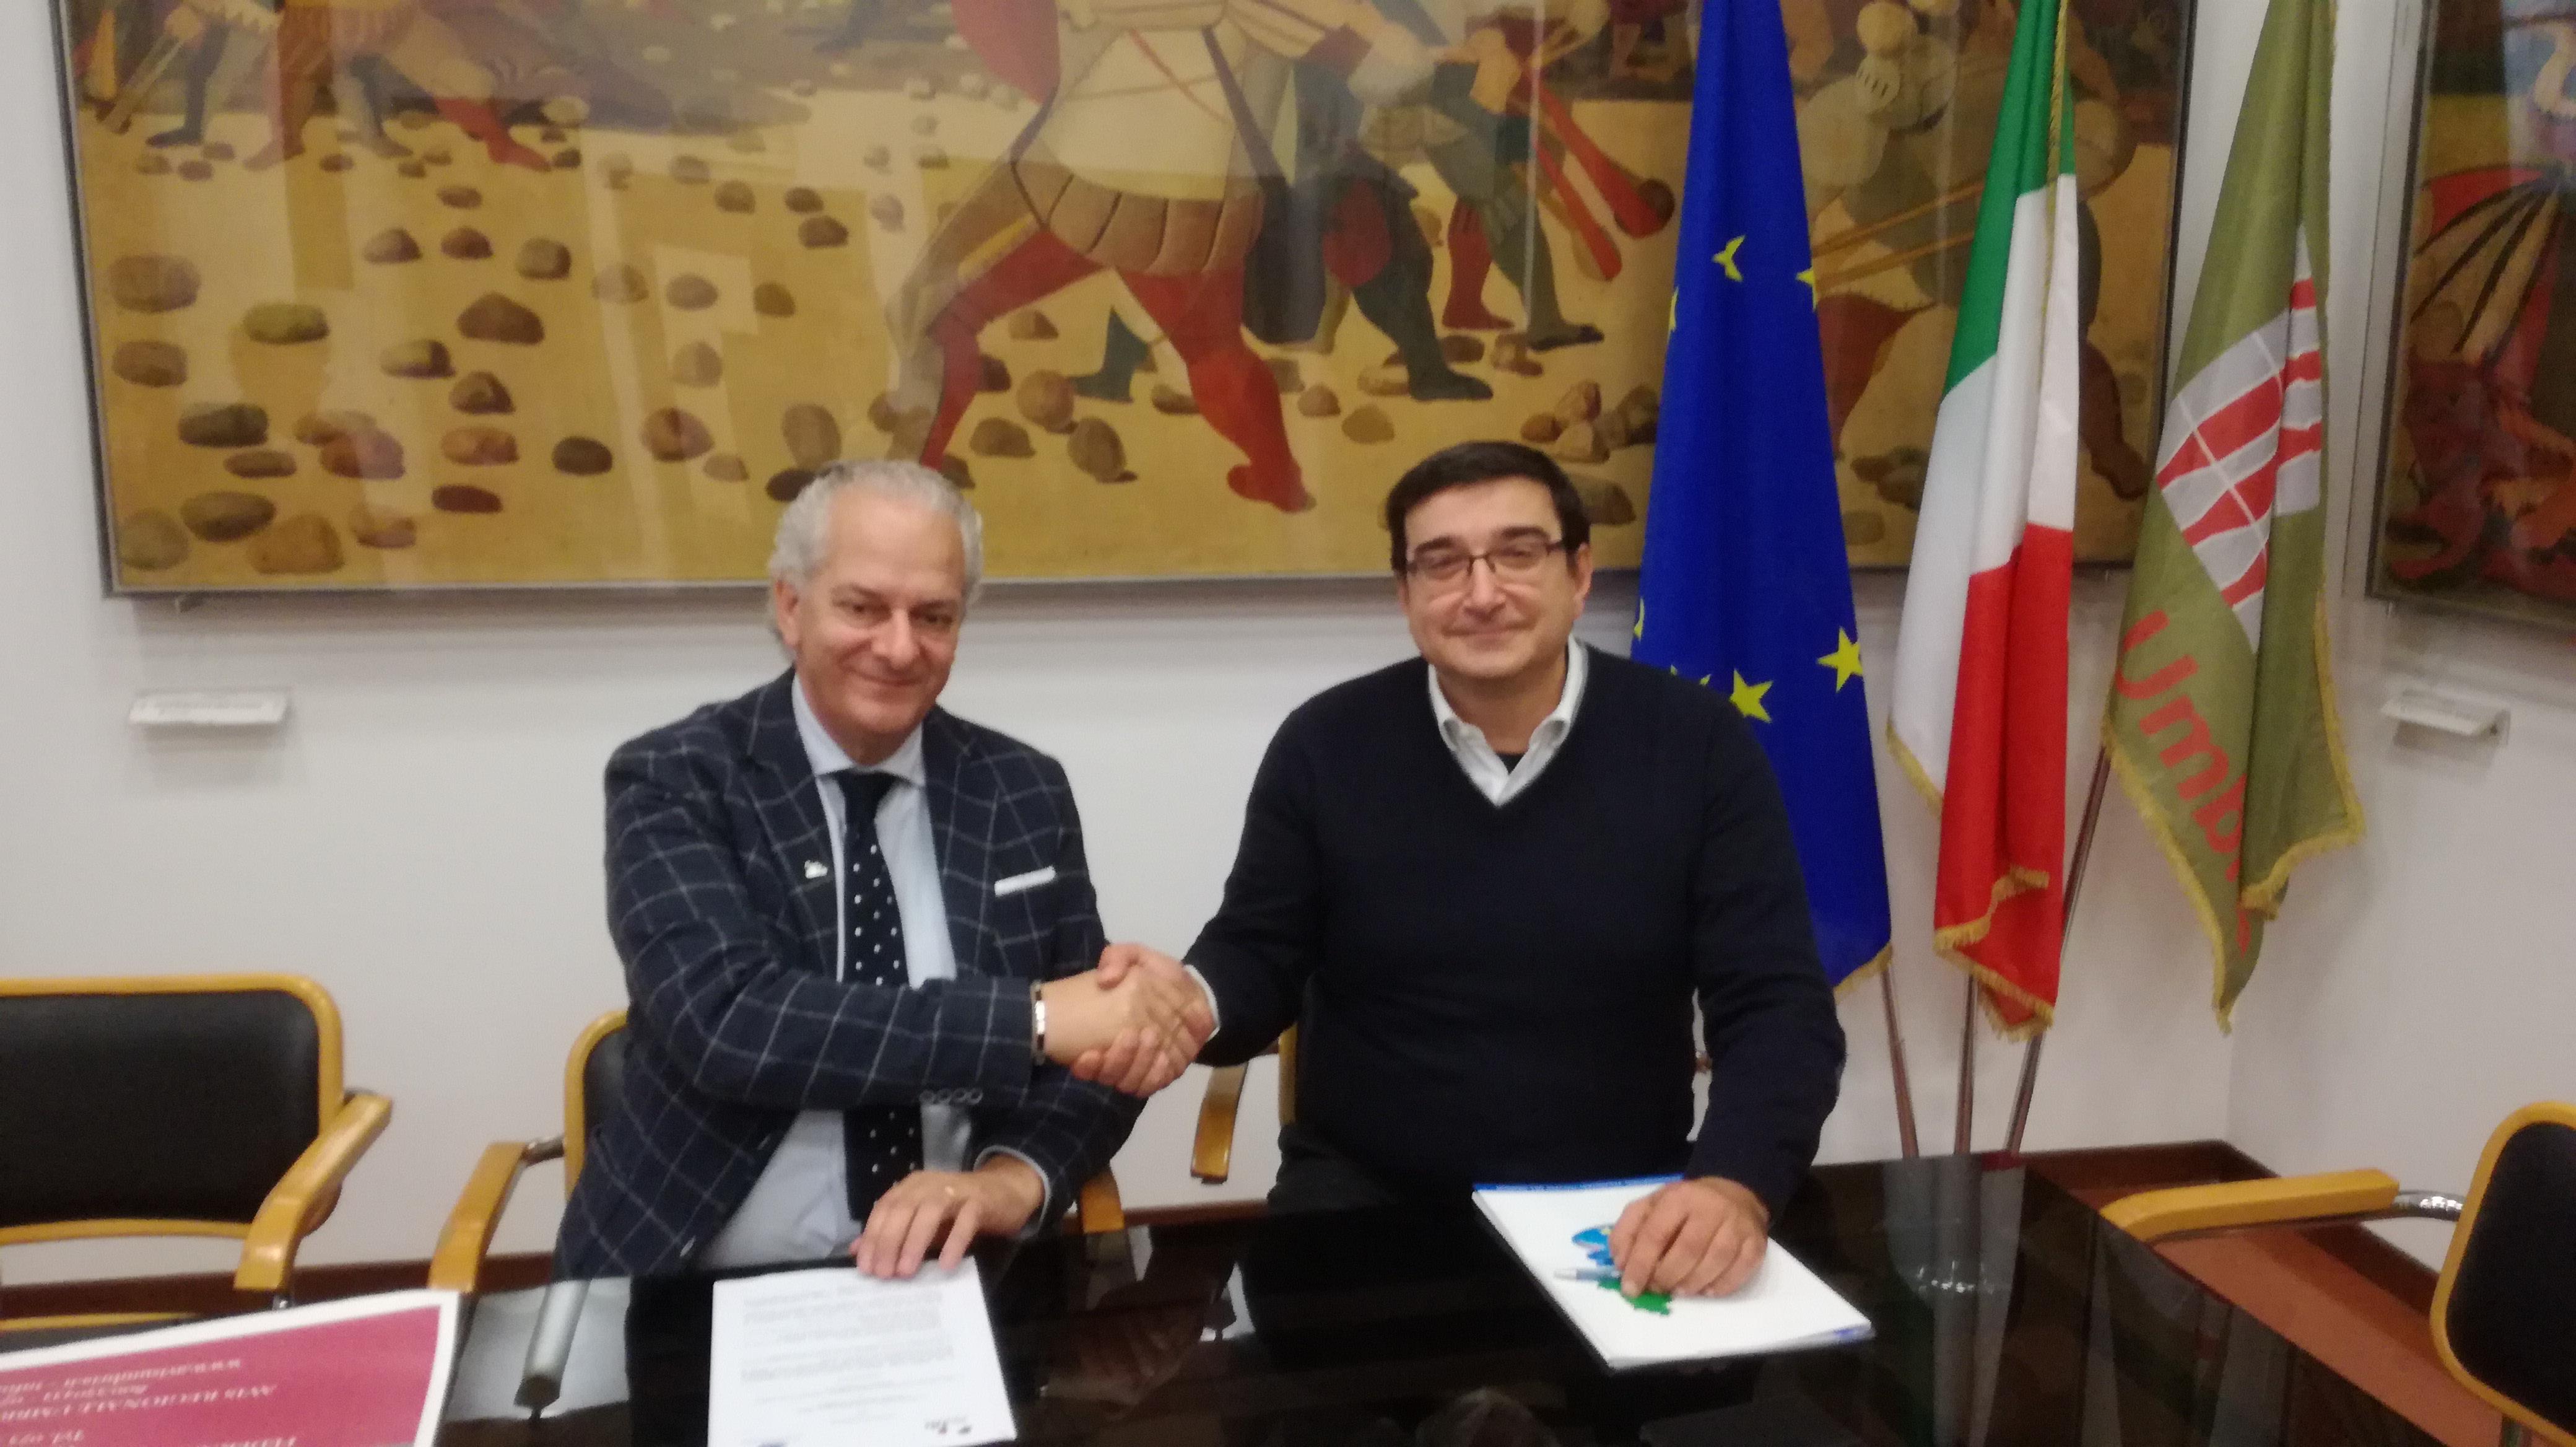 Sottoscrizione del protocollo di intesa tra Avis Regionale dell'Umbria e Federazione Italiana Bocce dell'Umbria